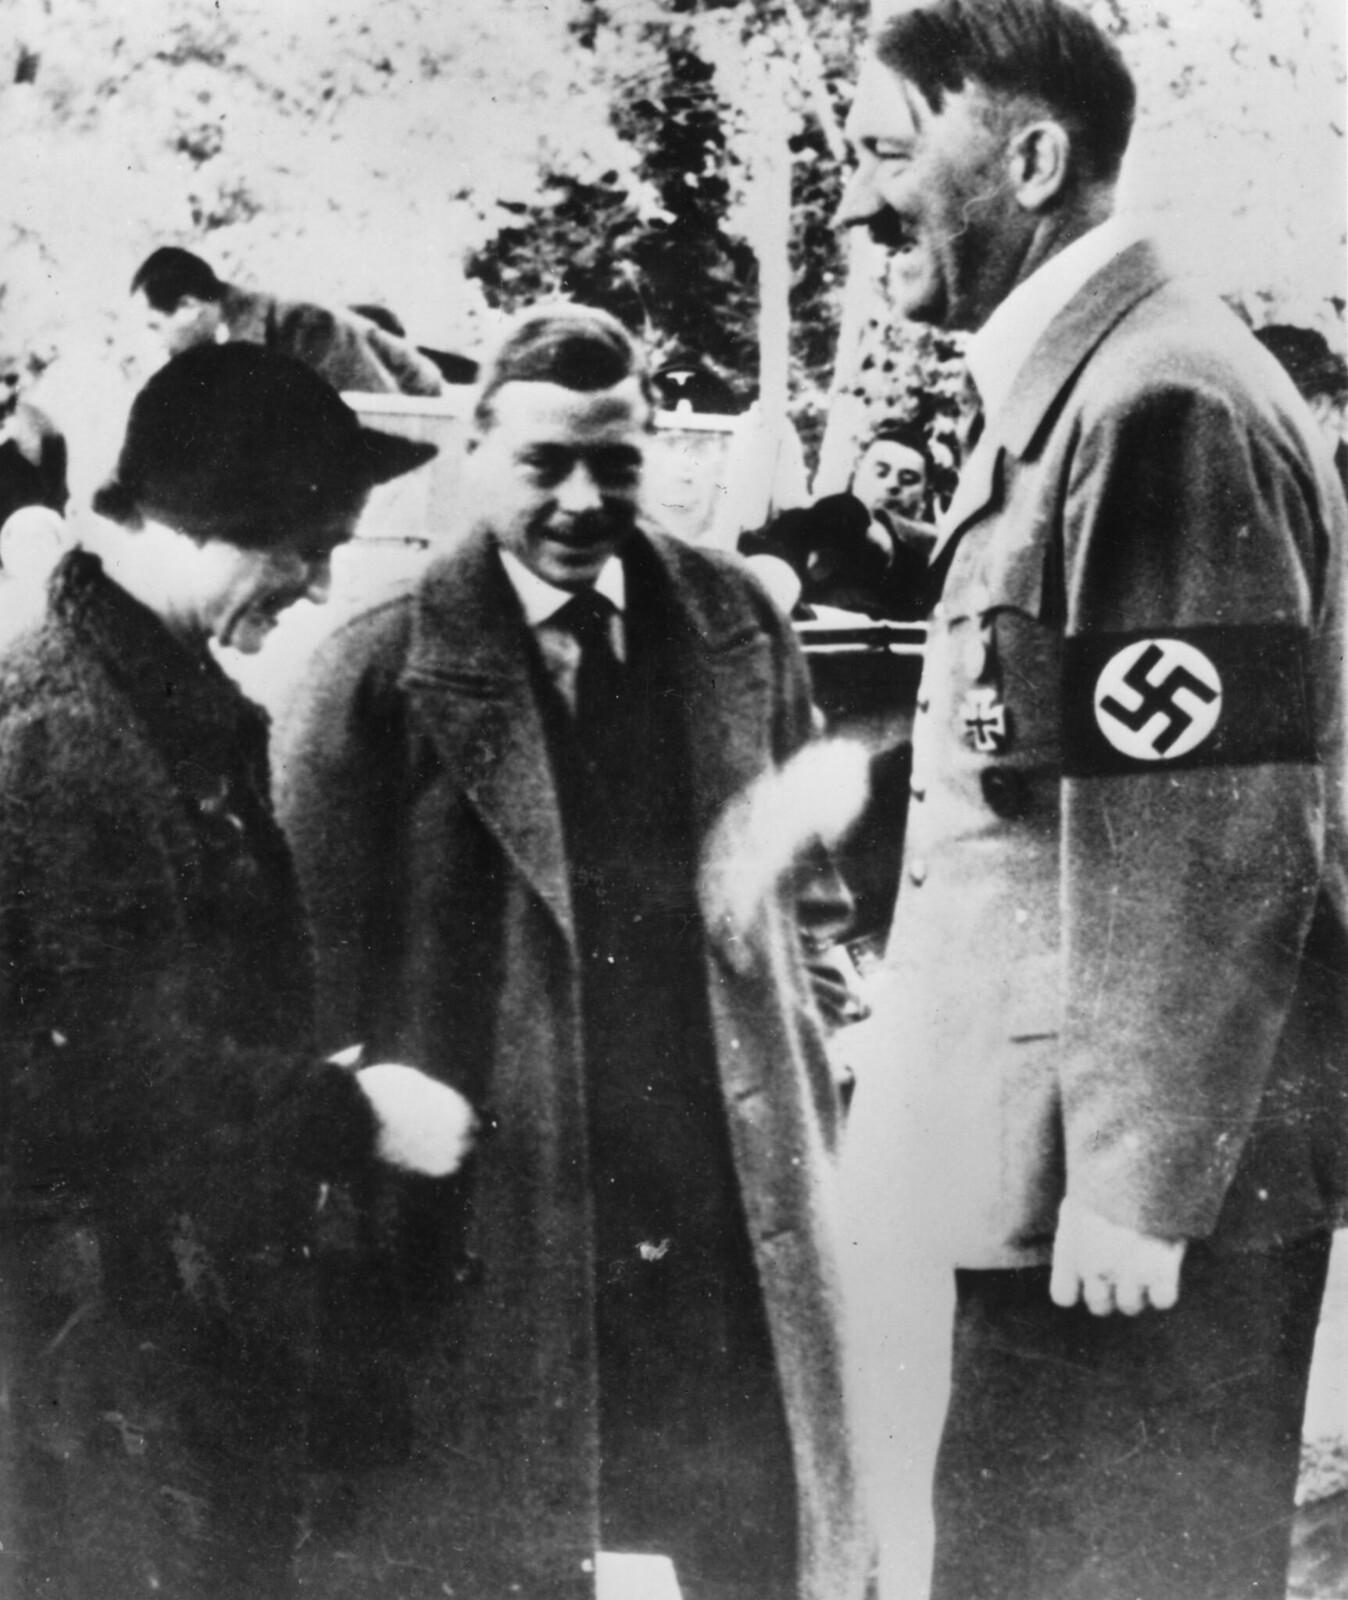 Герцог и герцогиня Виндзорские встречаются с Адольфом Гитлером